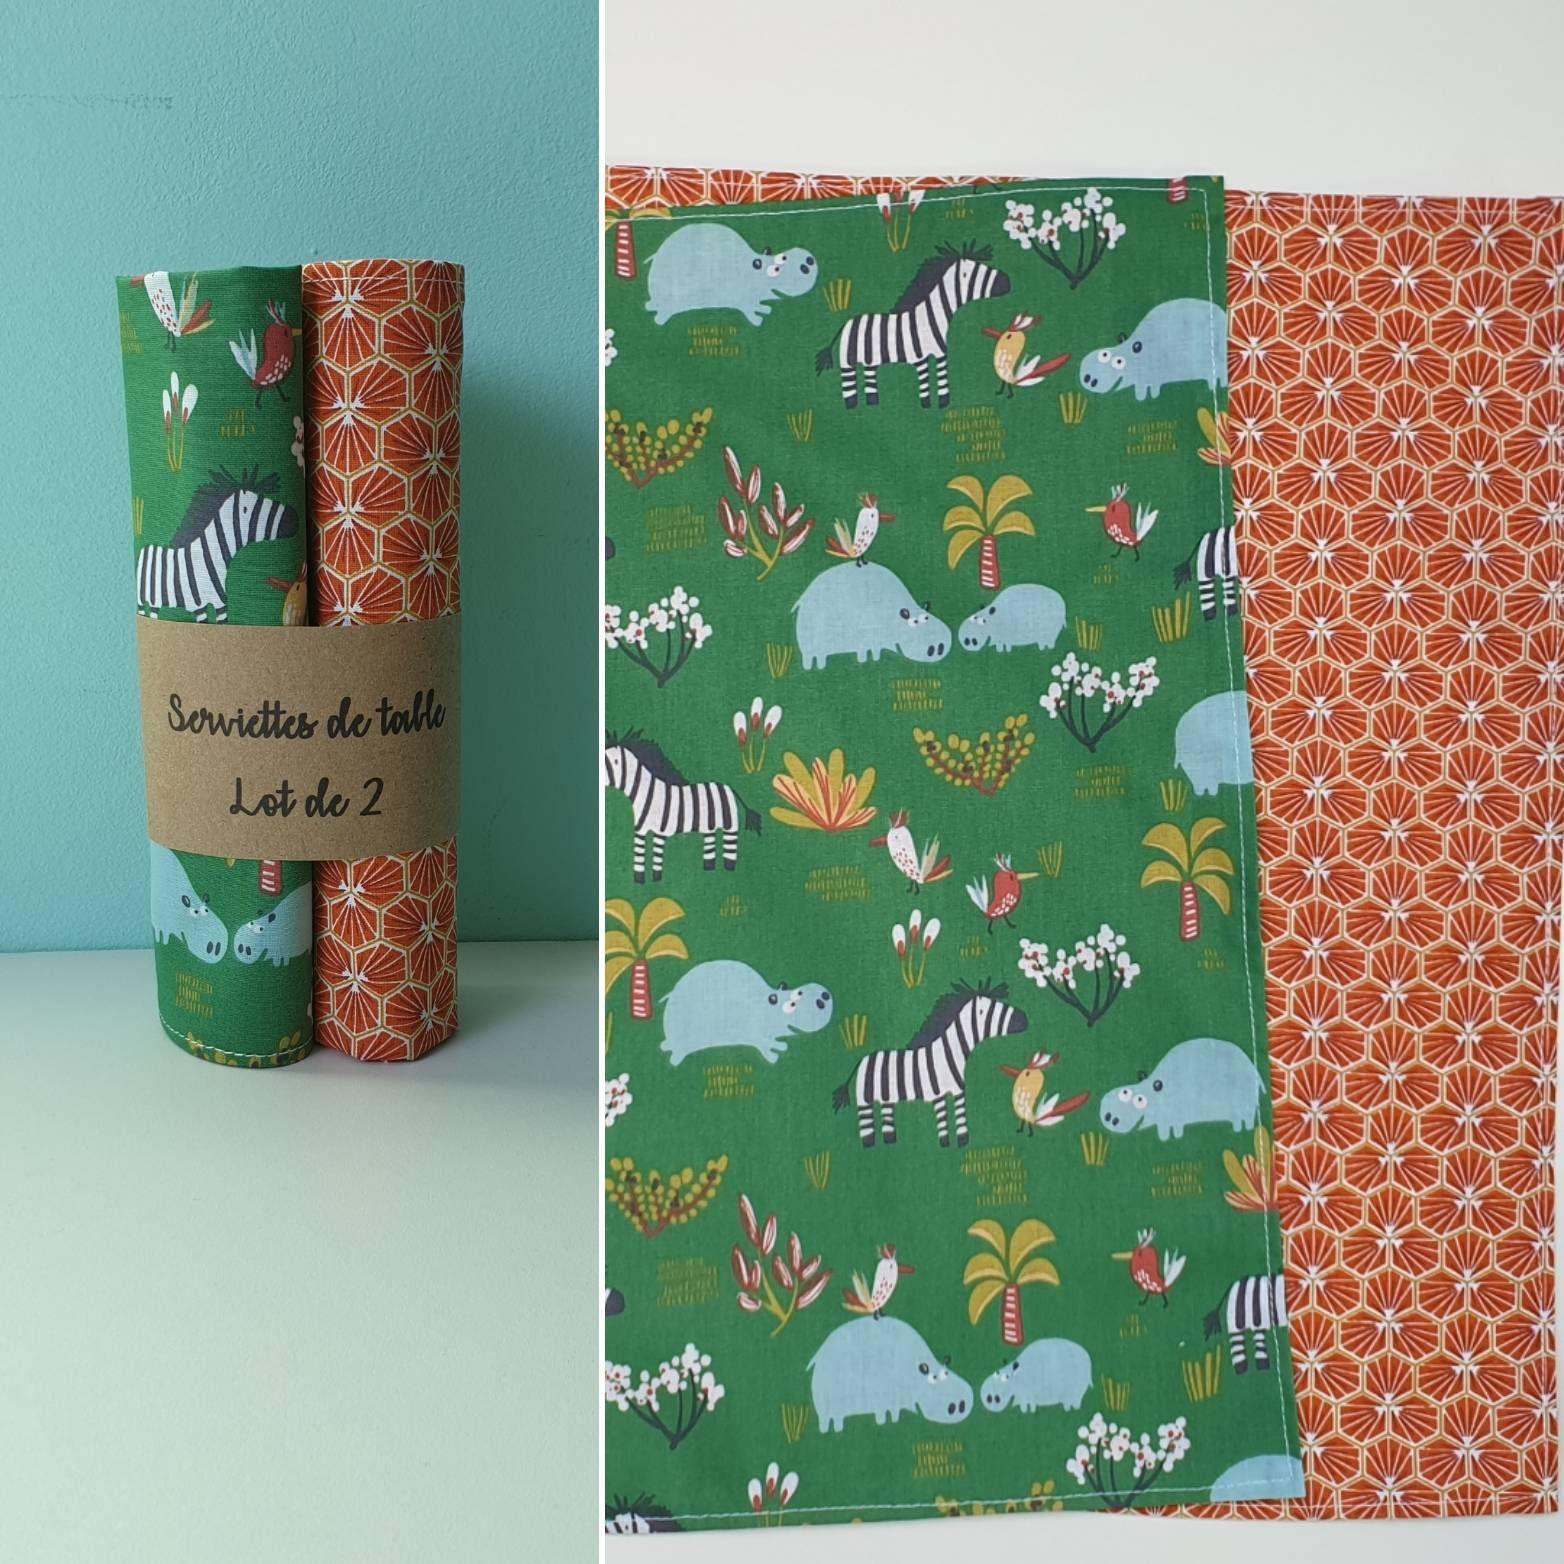 Serviettes De Table Lavable Animaux De La Savane Et Riad Orange Lot De 2 Serviette En Coton Zero Dechet In 2020 Cotton Towels Towel Animals Savannah Chat